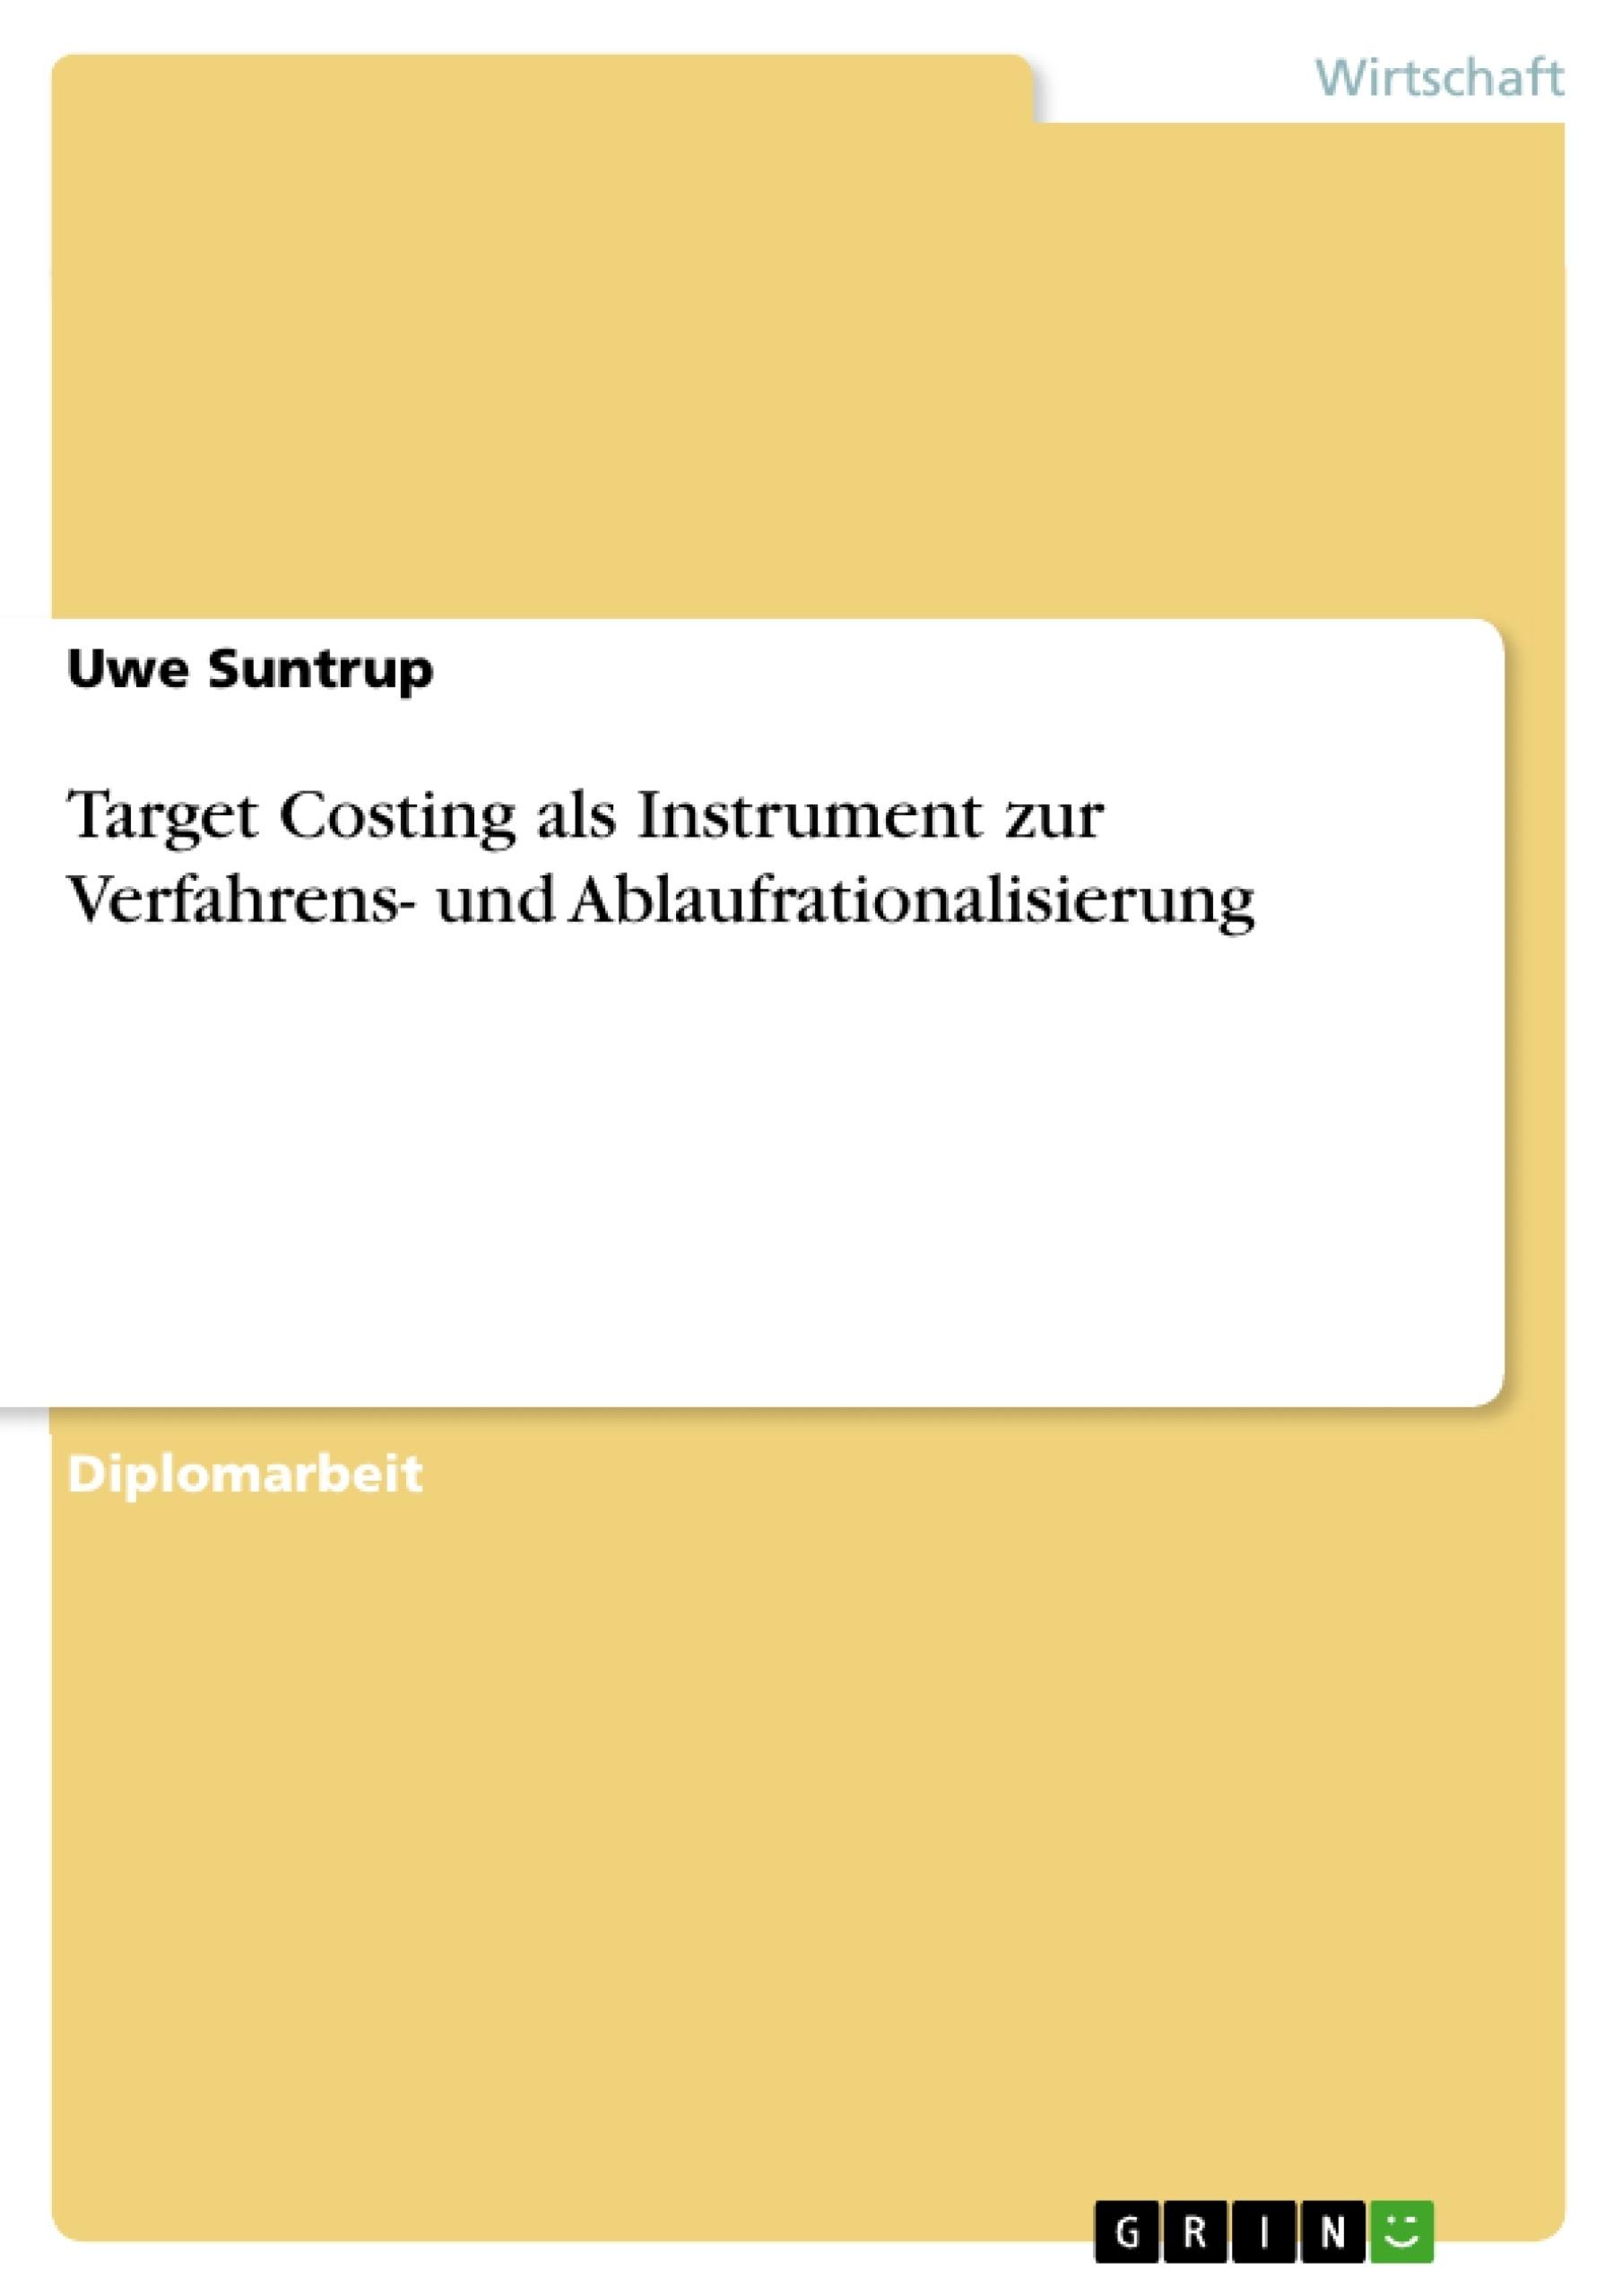 Titel: Target Costing als Instrument zur Verfahrens- und Ablaufrationalisierung